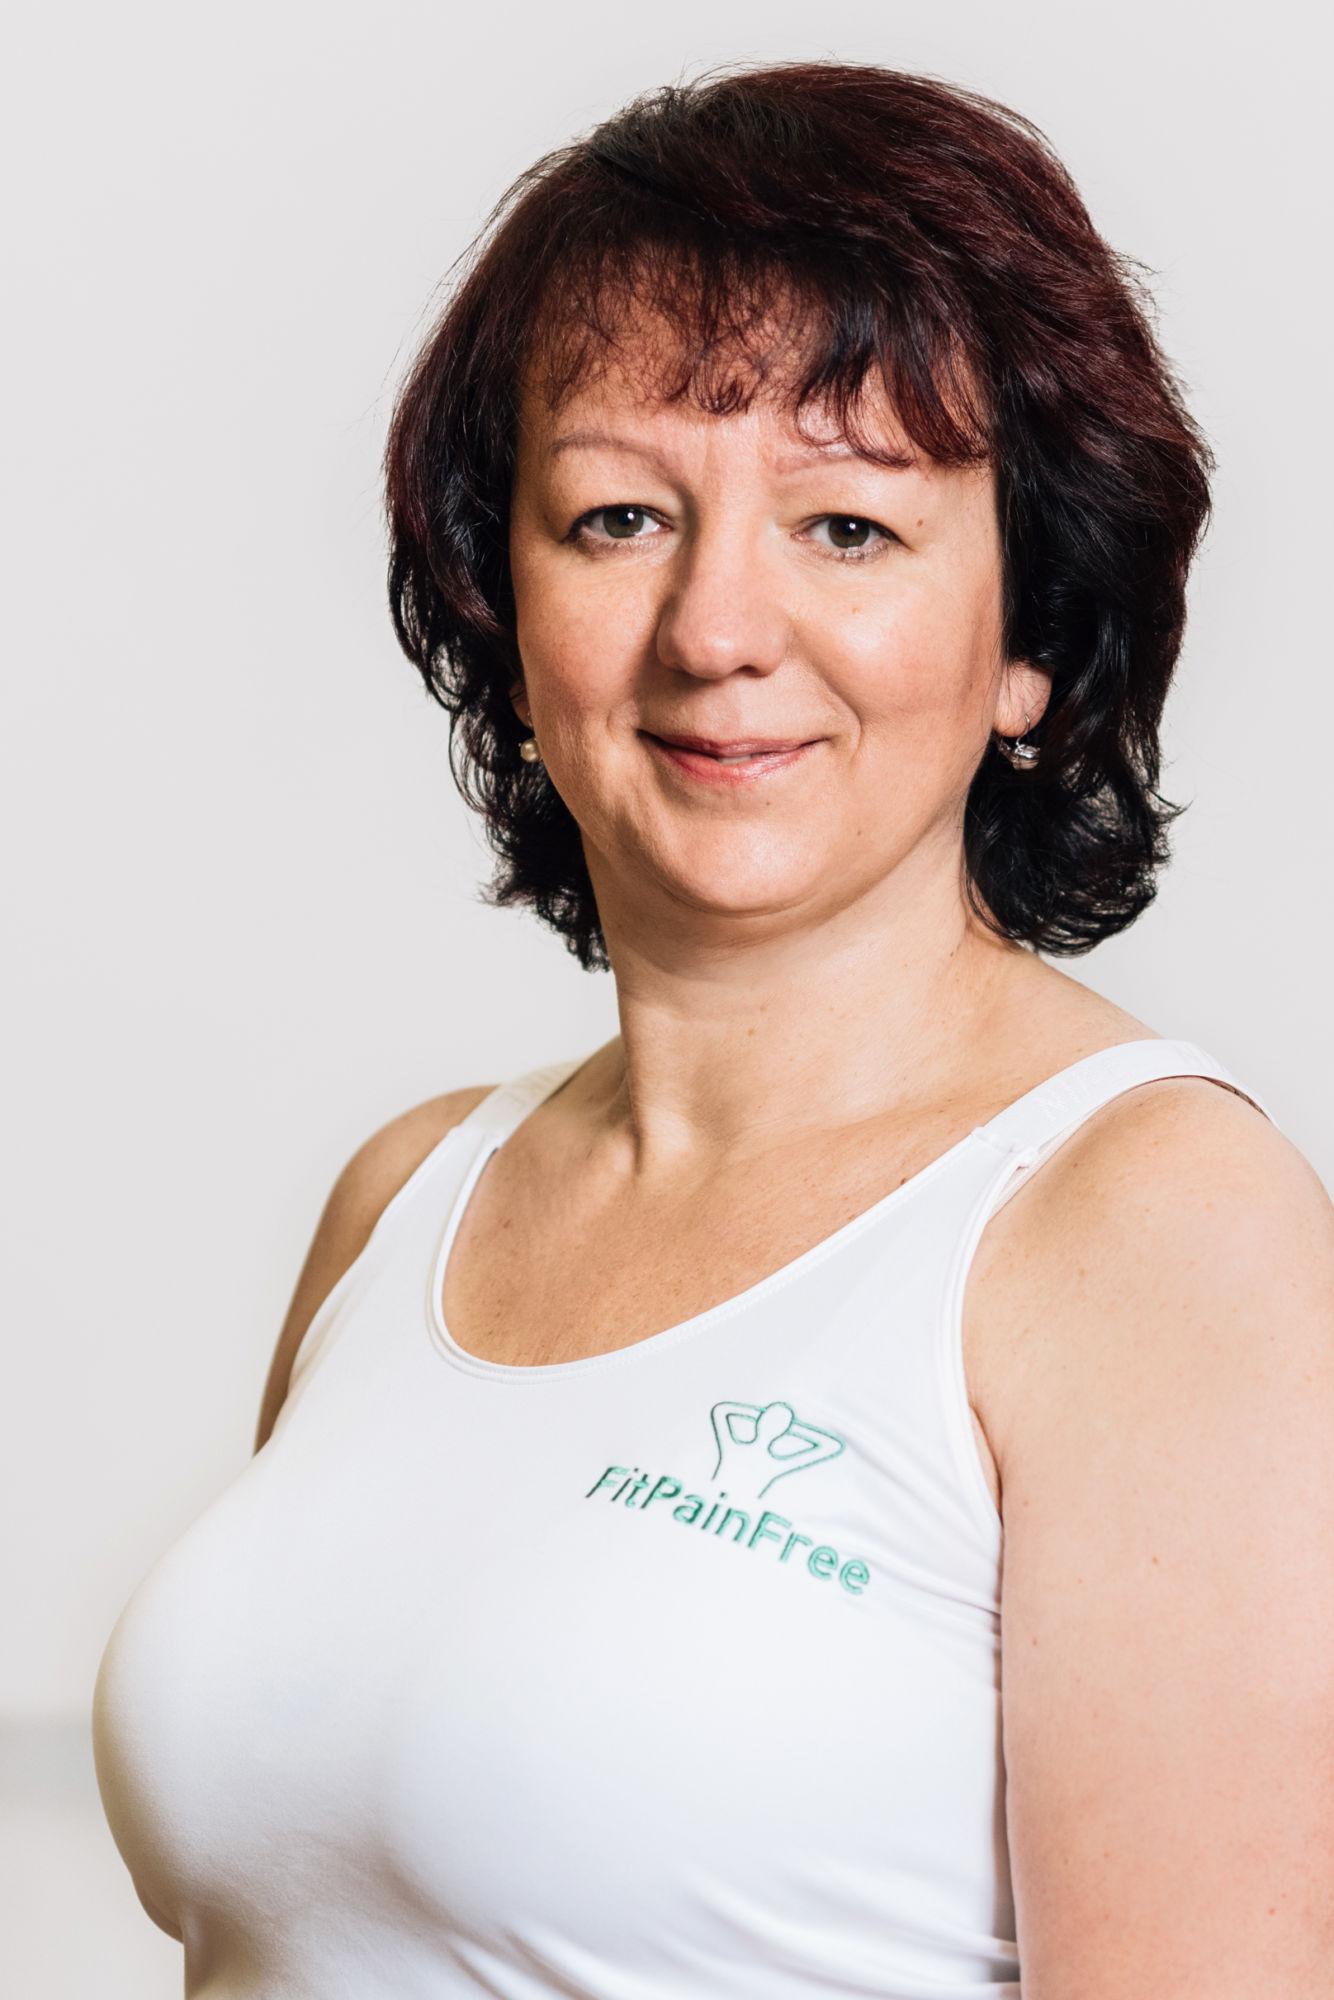 FitPainFree lektorka Iva Rejthárková